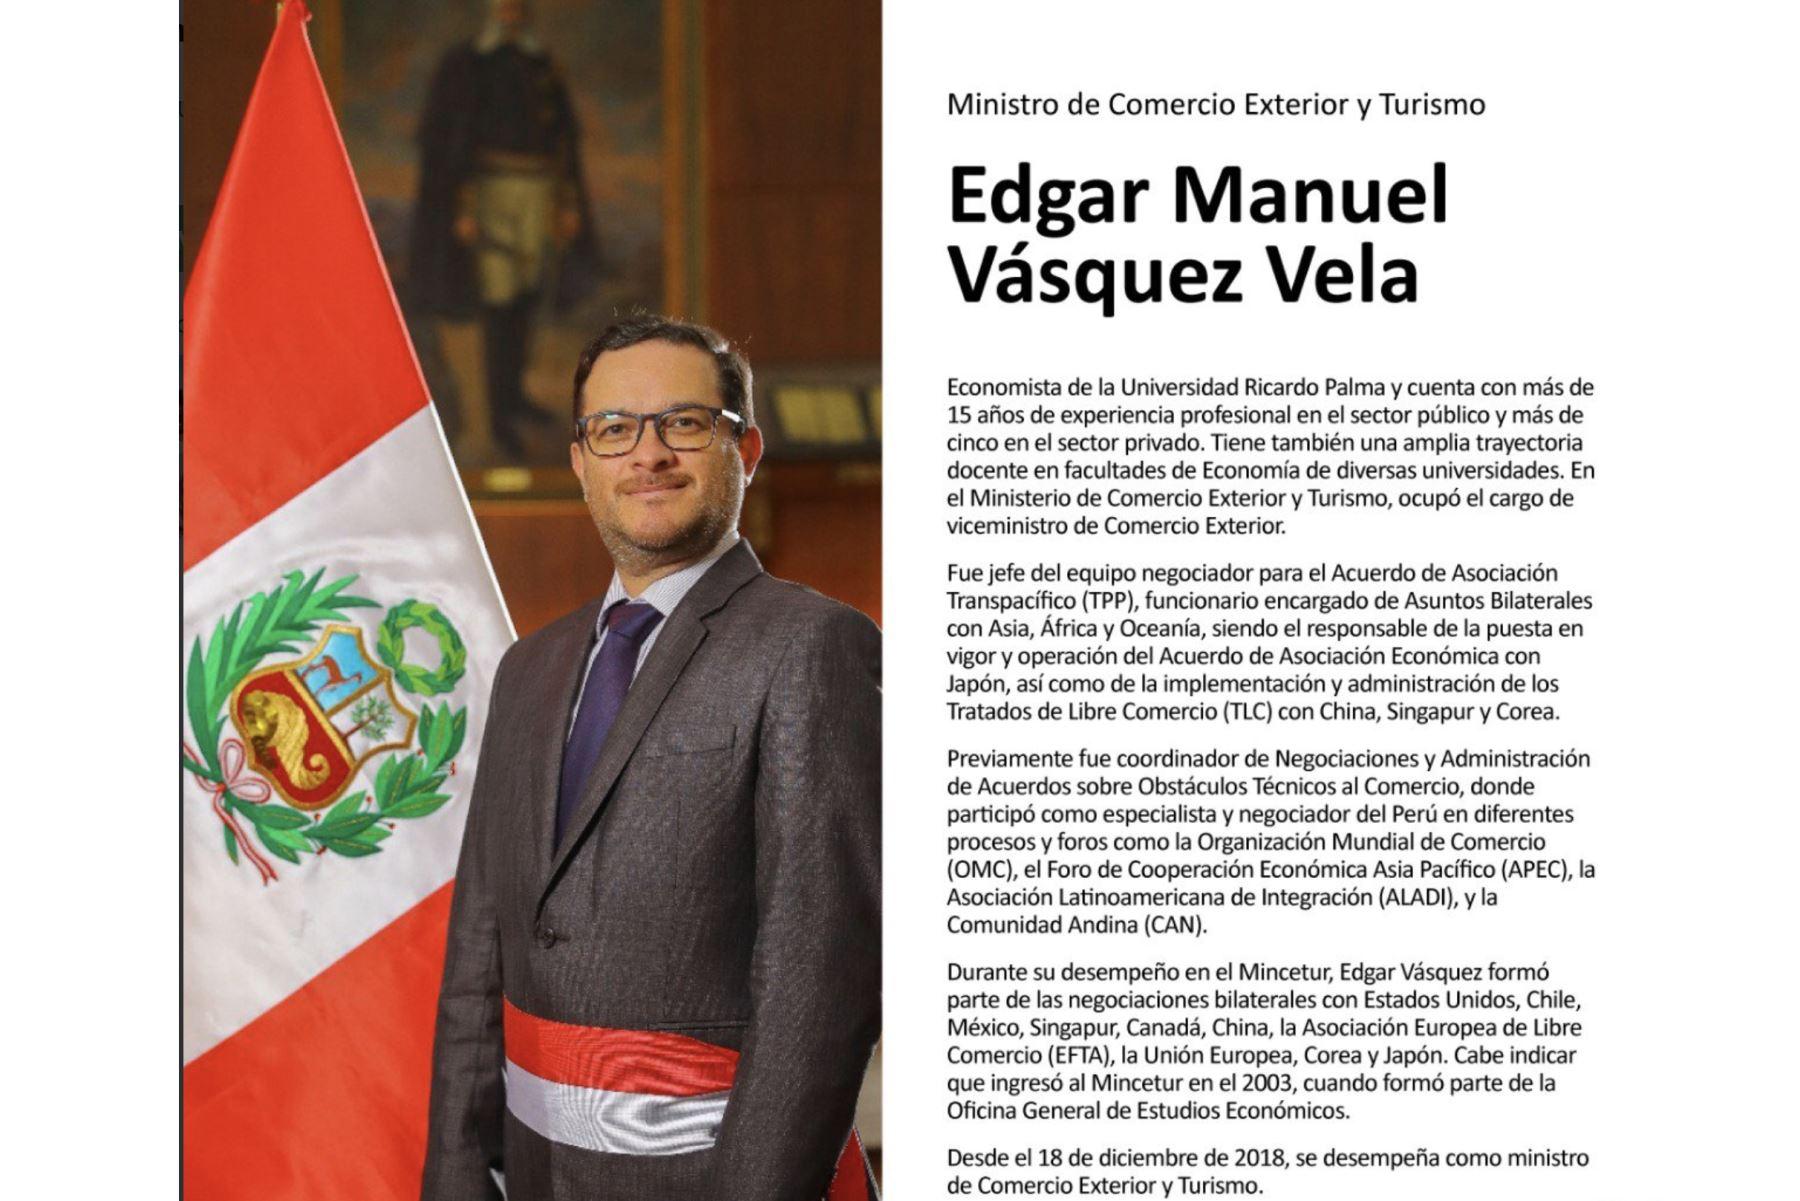 Edgar Vásquez, ministro de Comercio Exterior y Turismo